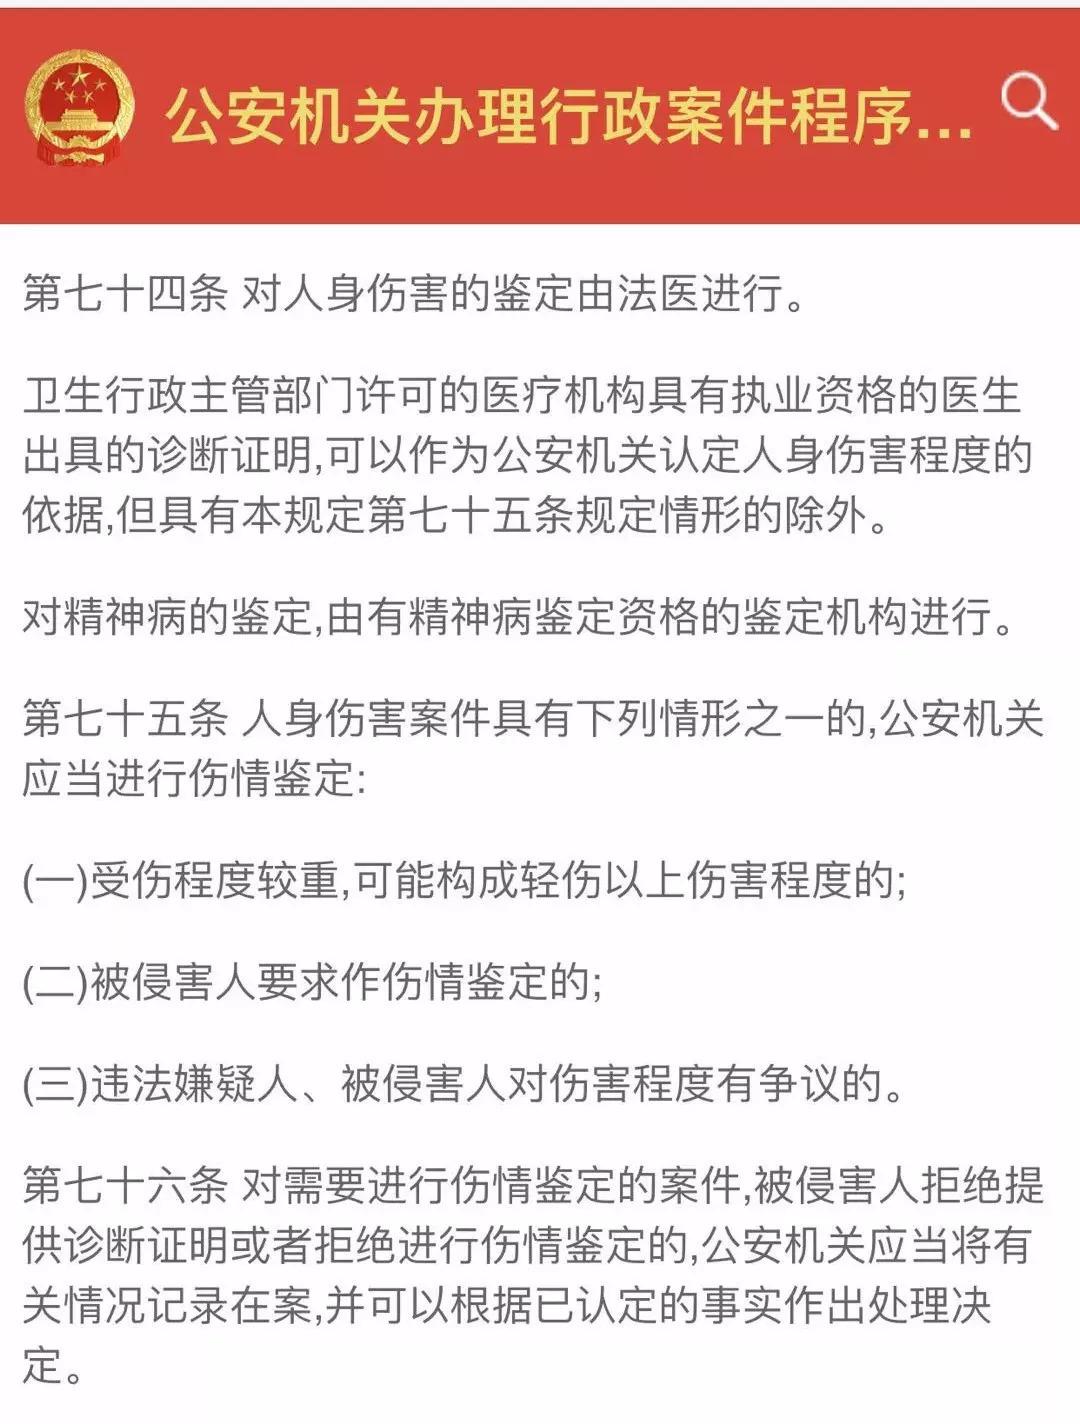 网红殴打孕妇致先兆早产事件 为何没对网红做处罚 官方回应